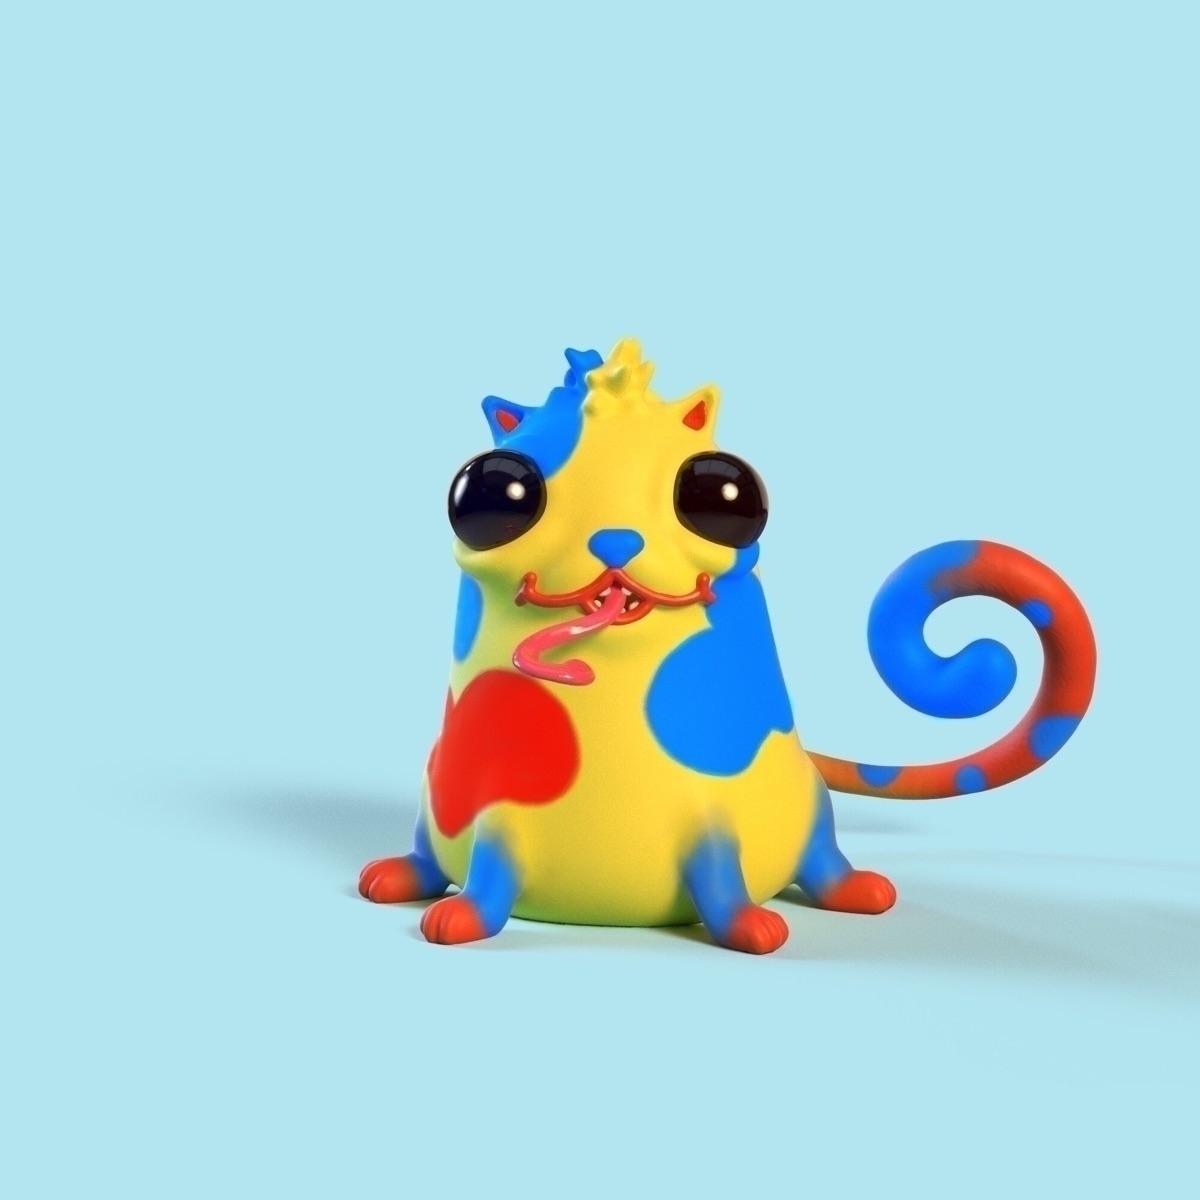 JOY CryptoKitty Kitty • Gen 1 S - joy | ello